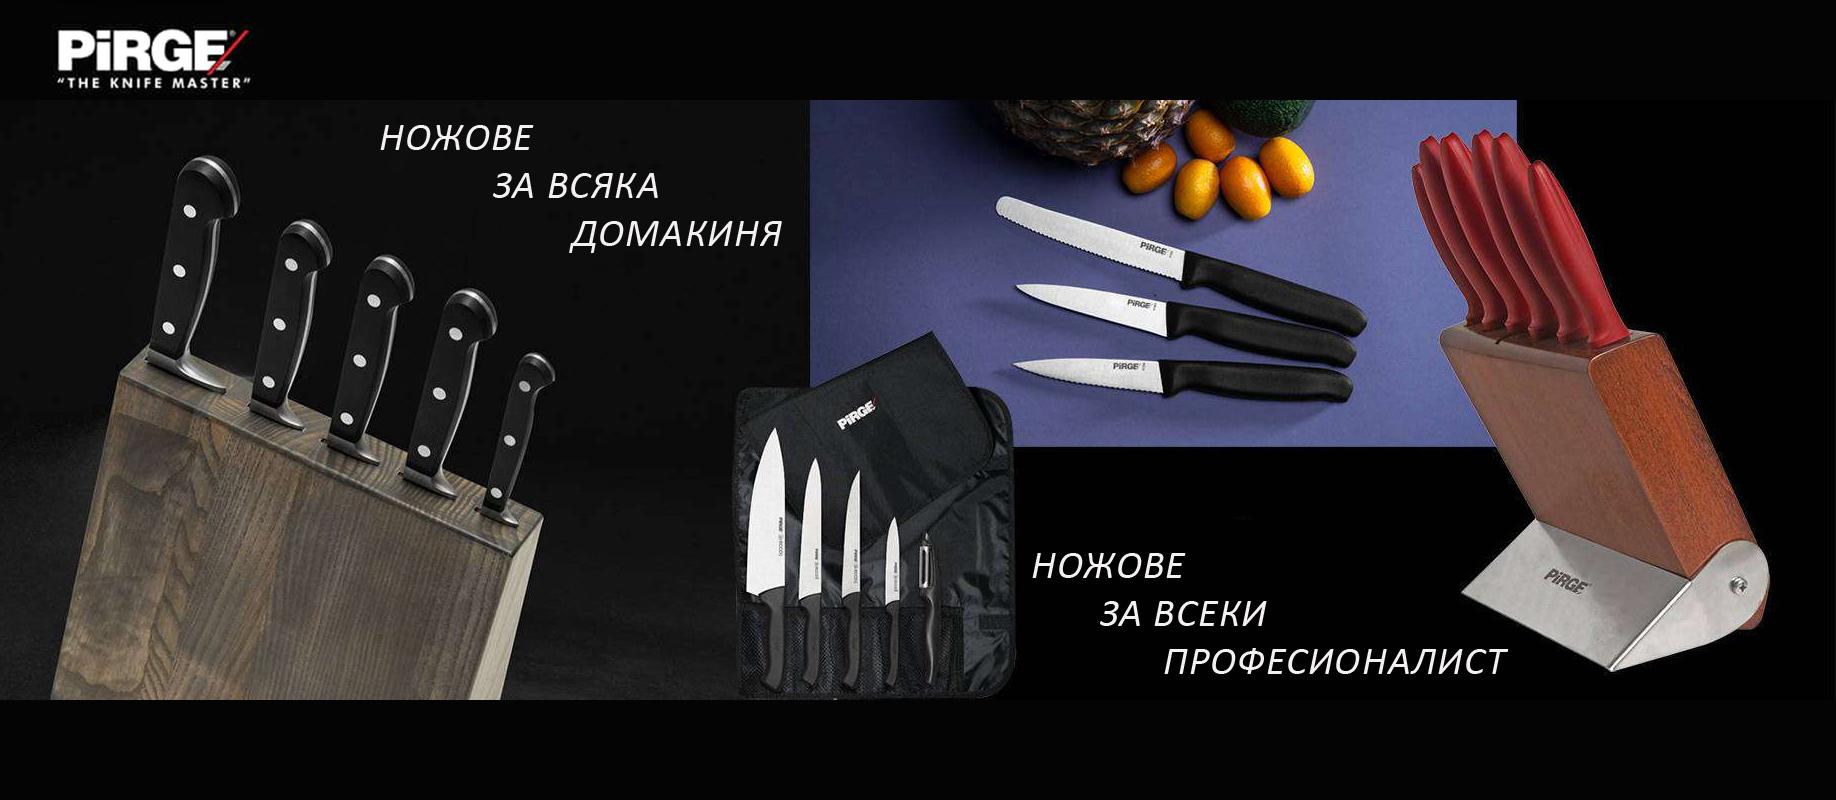 pirge ножове банер